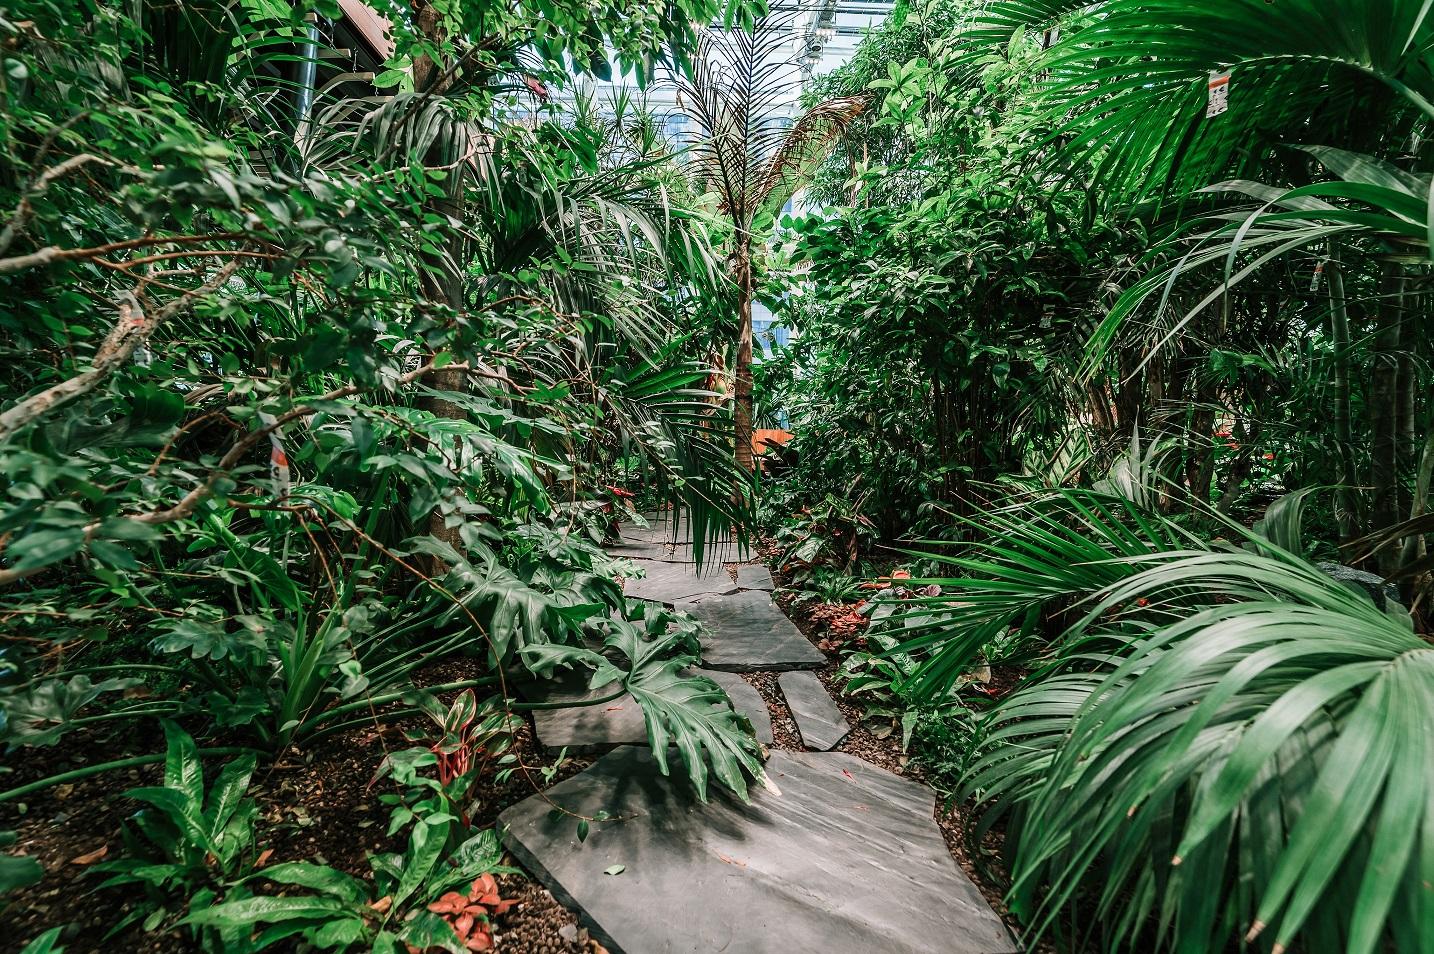 Olivia Garden 2 1 - Olivia Garden- a tropical garden in the heart of Tri-City's business